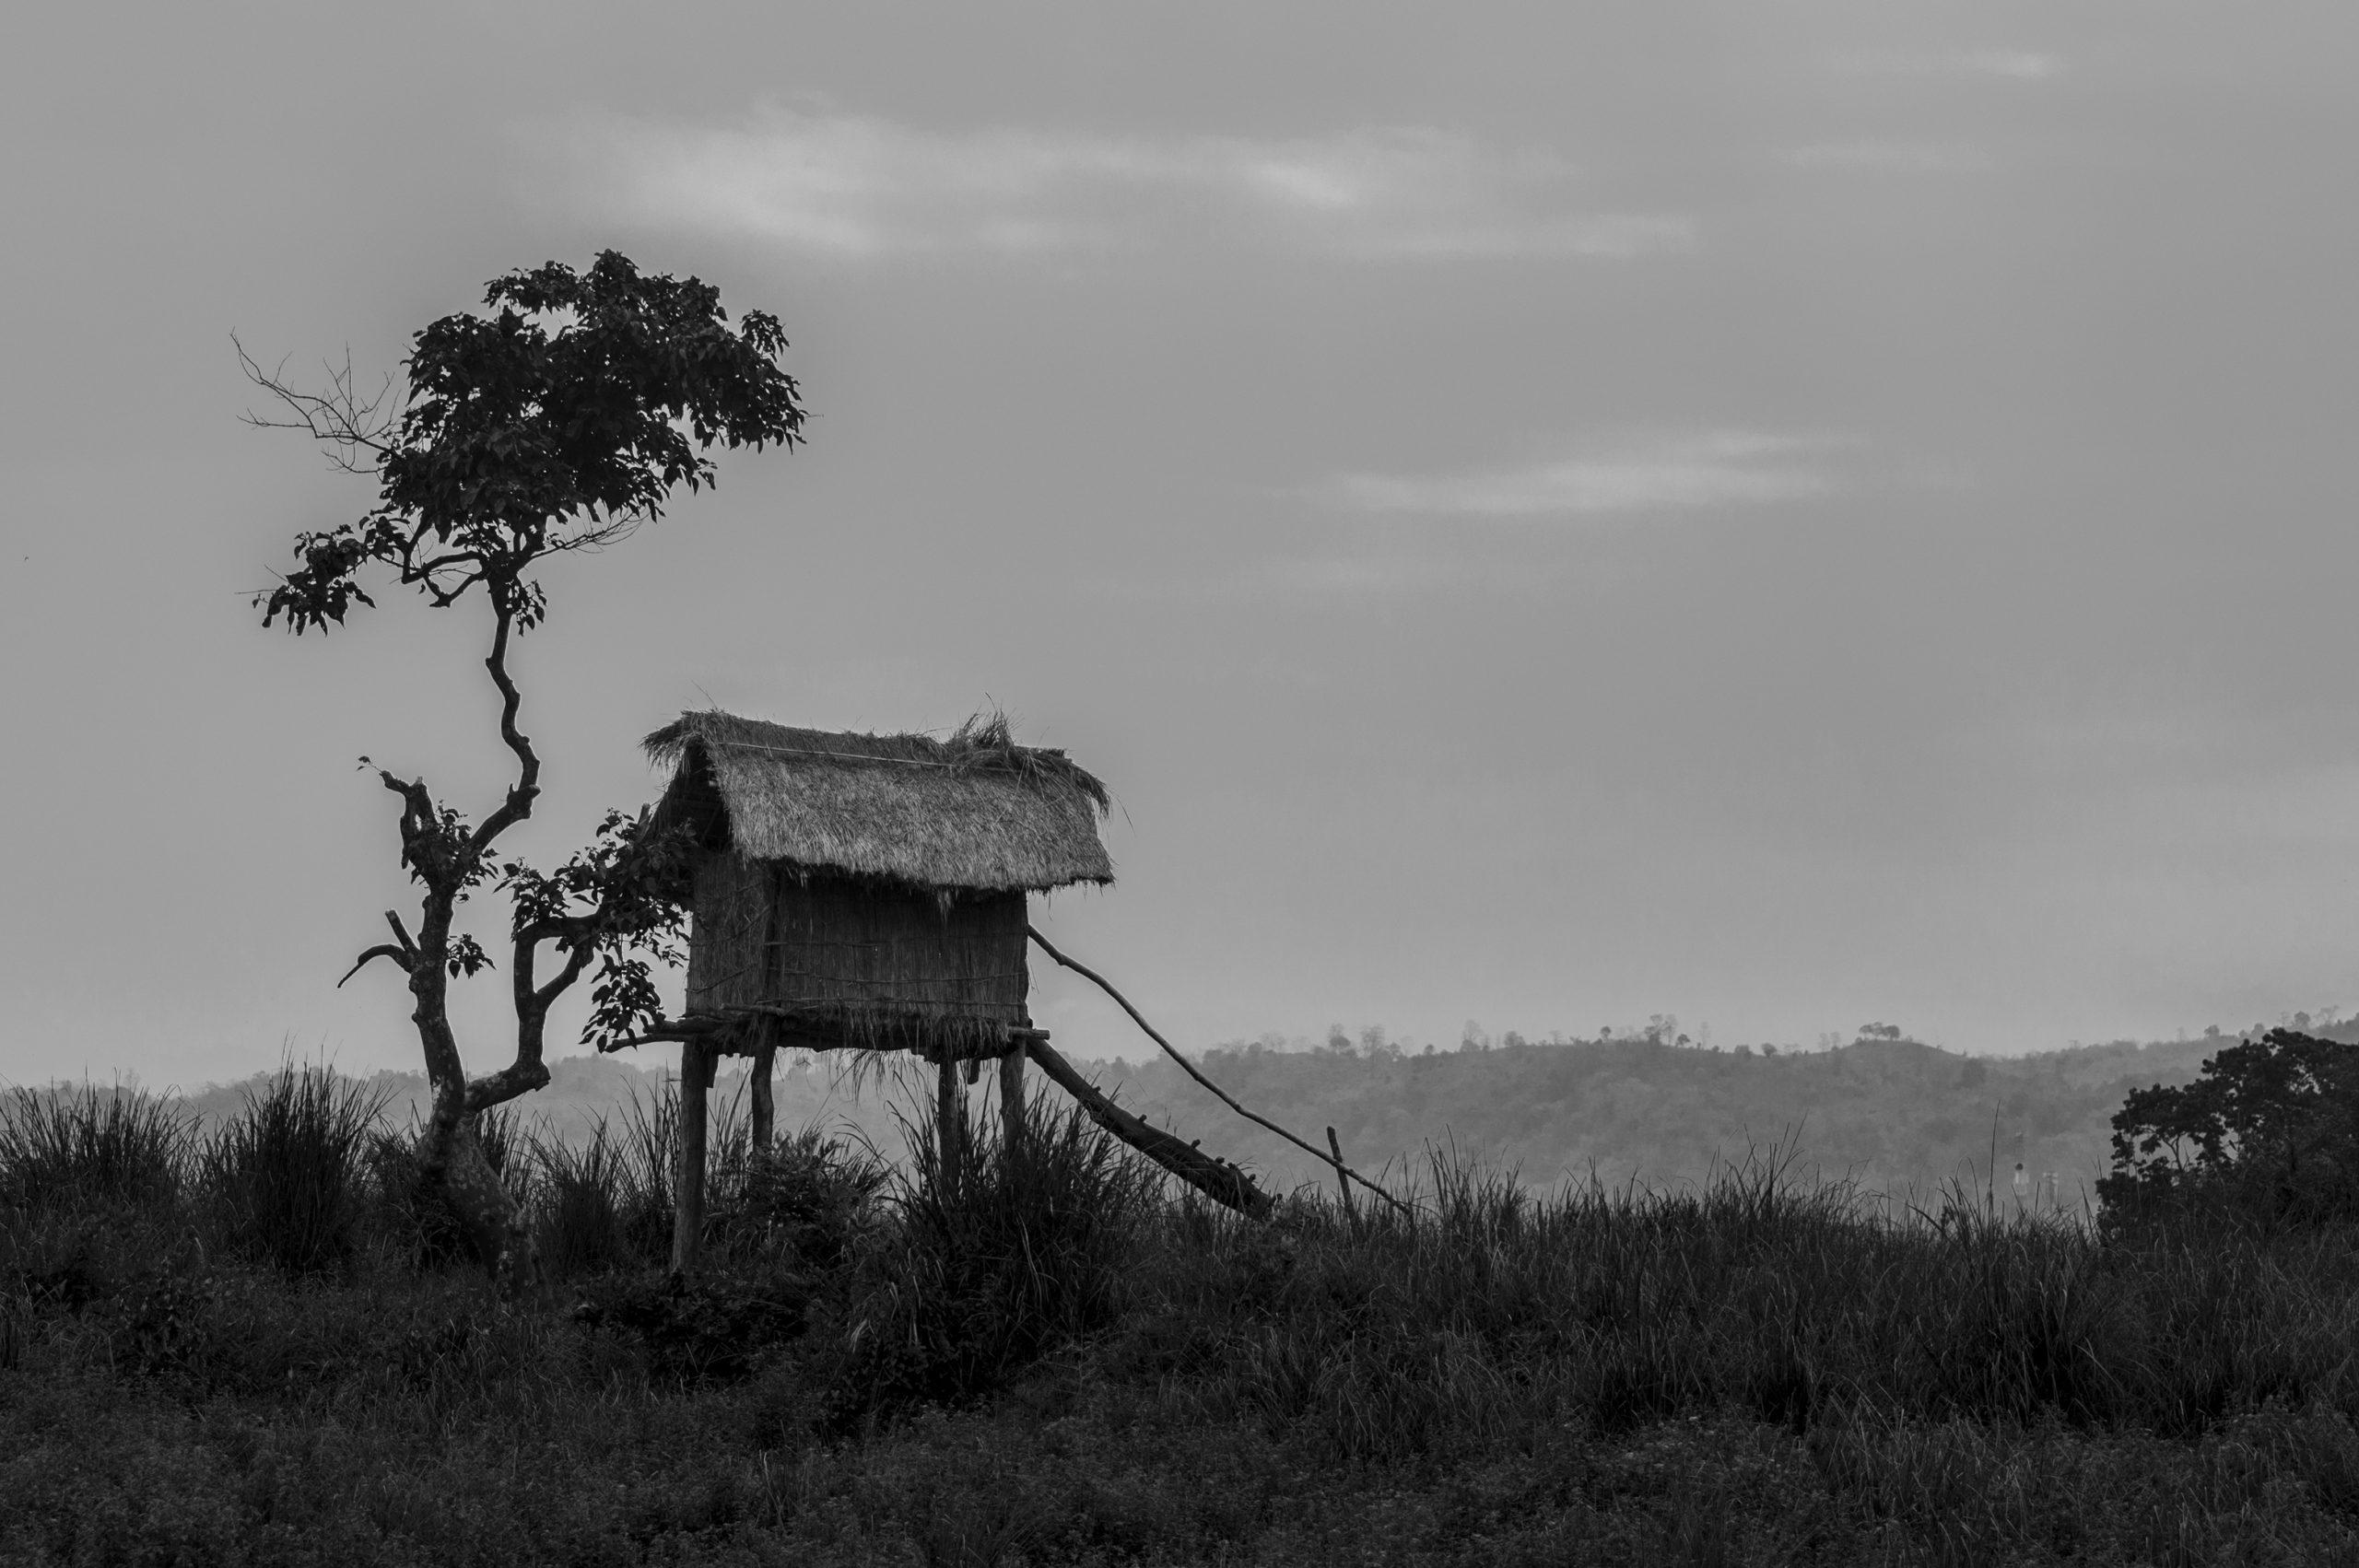 A straw hut